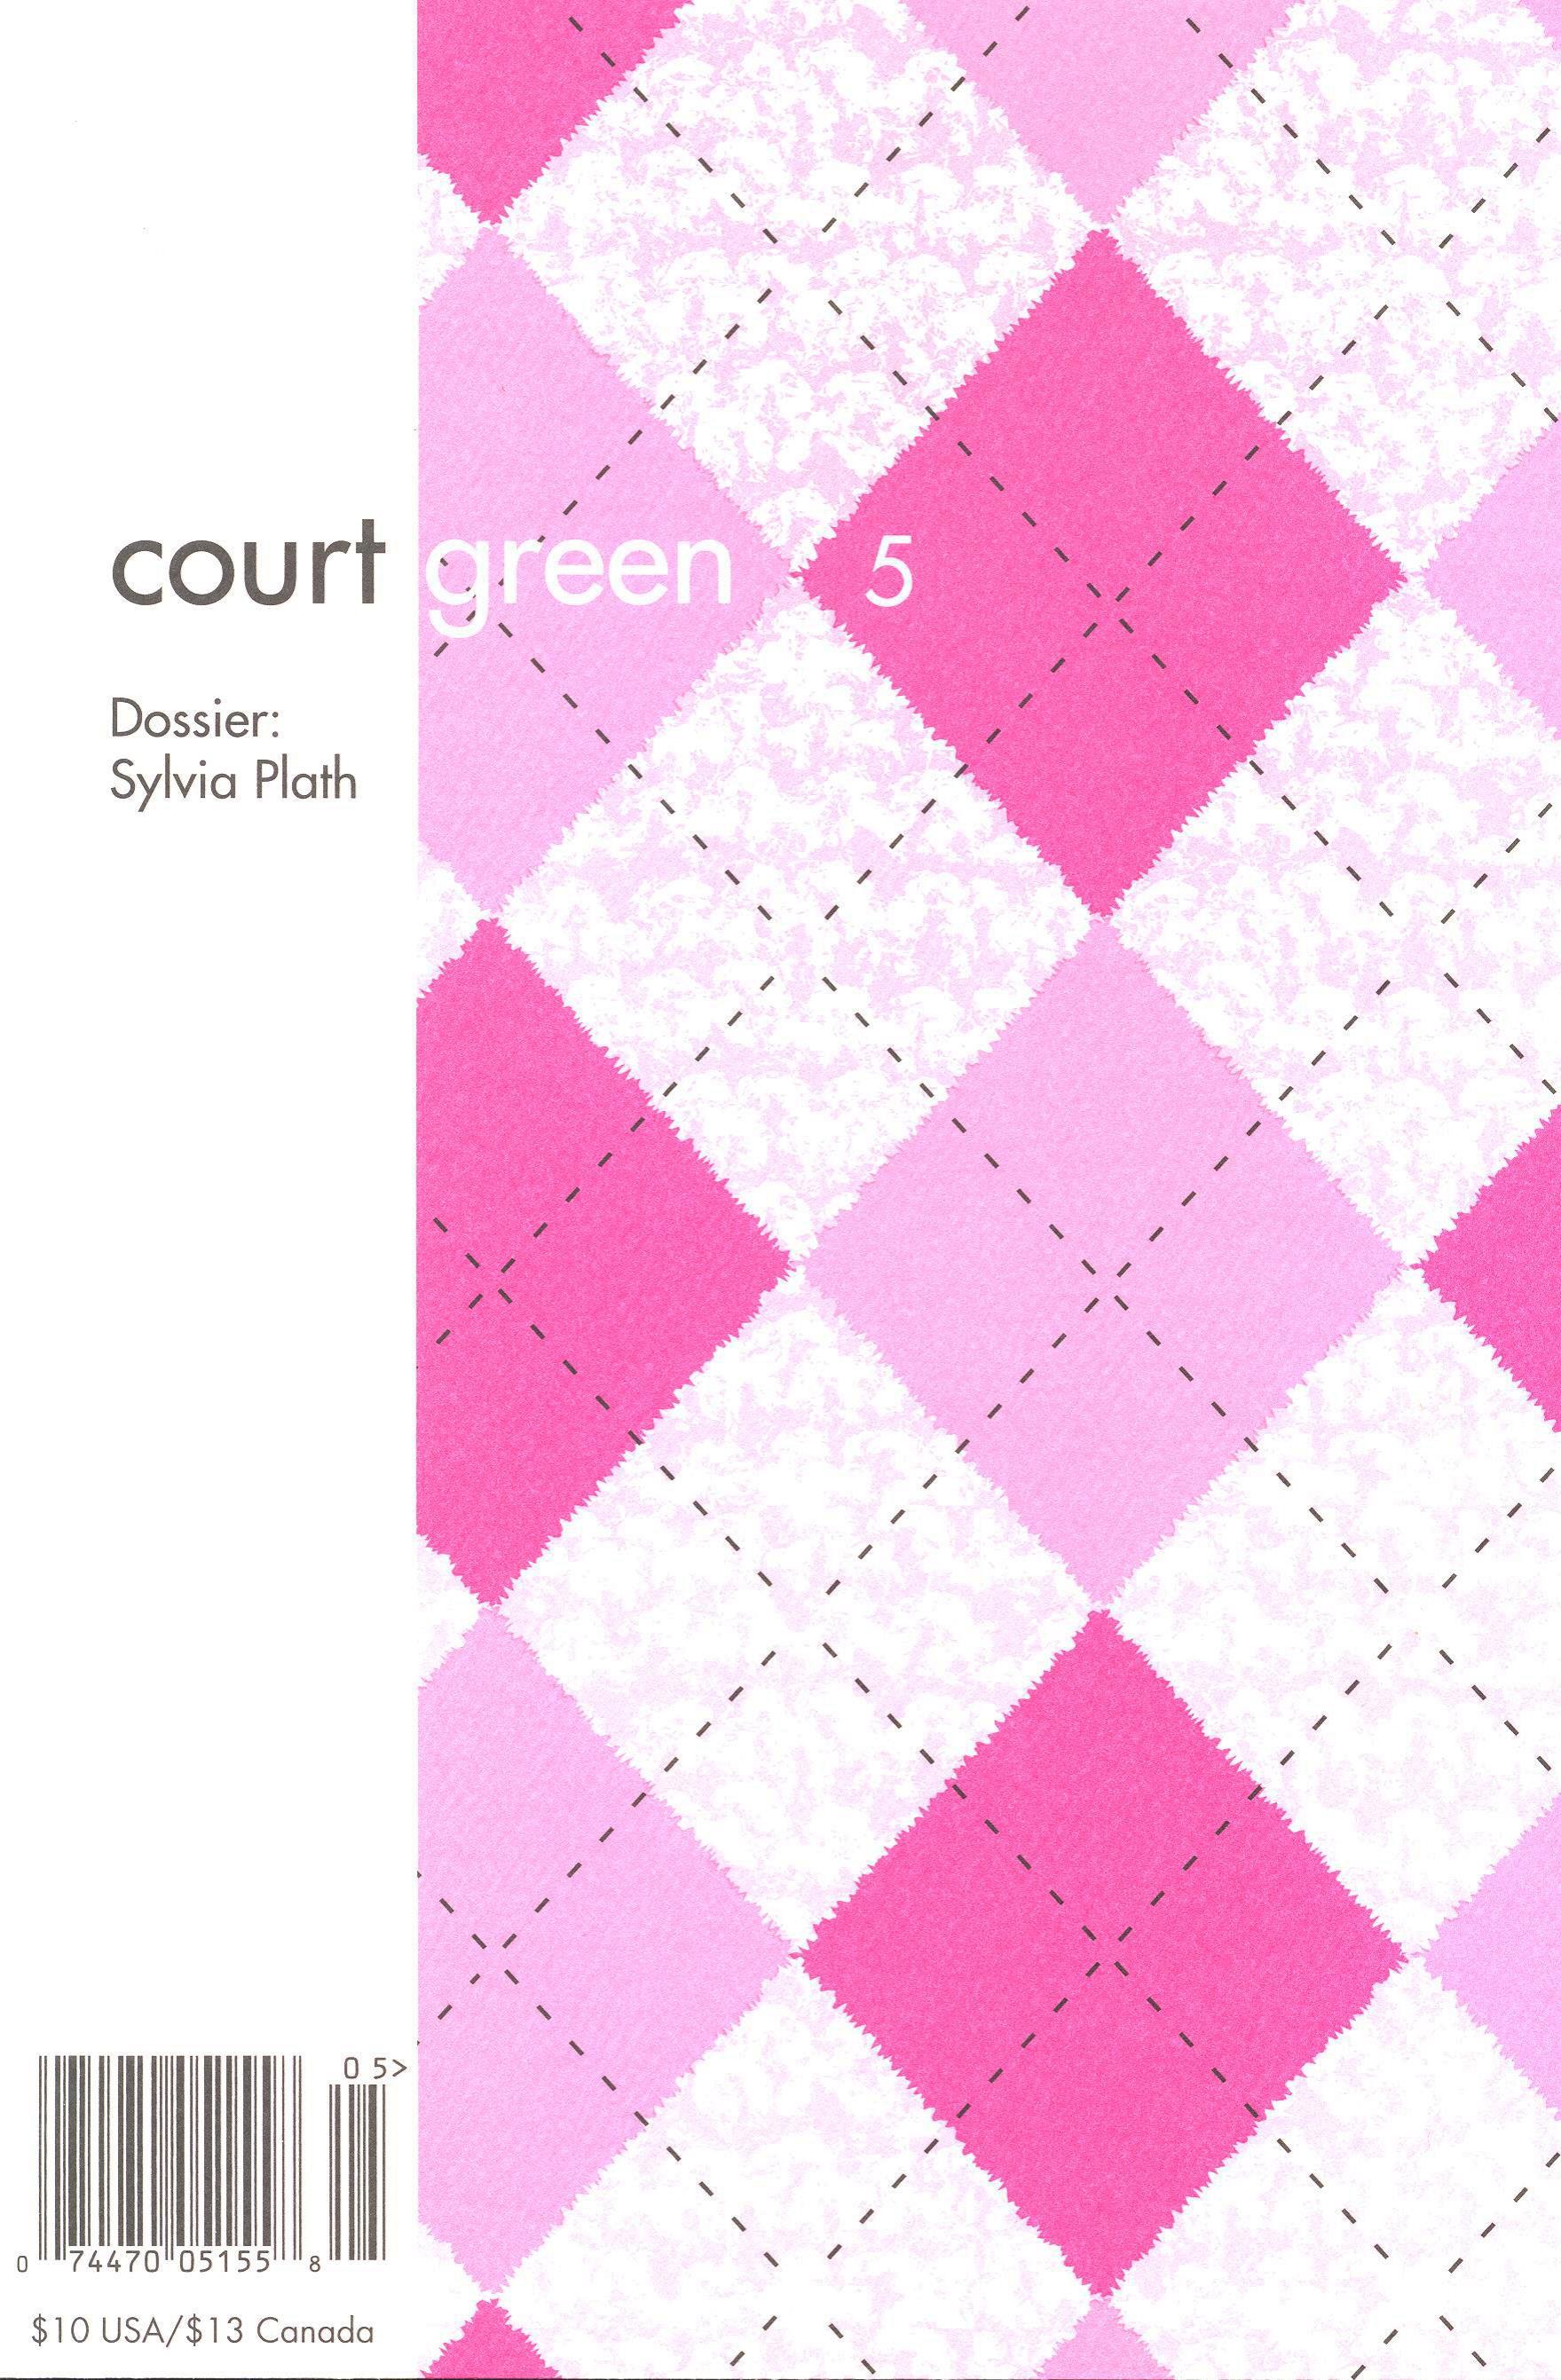 Court Green 5